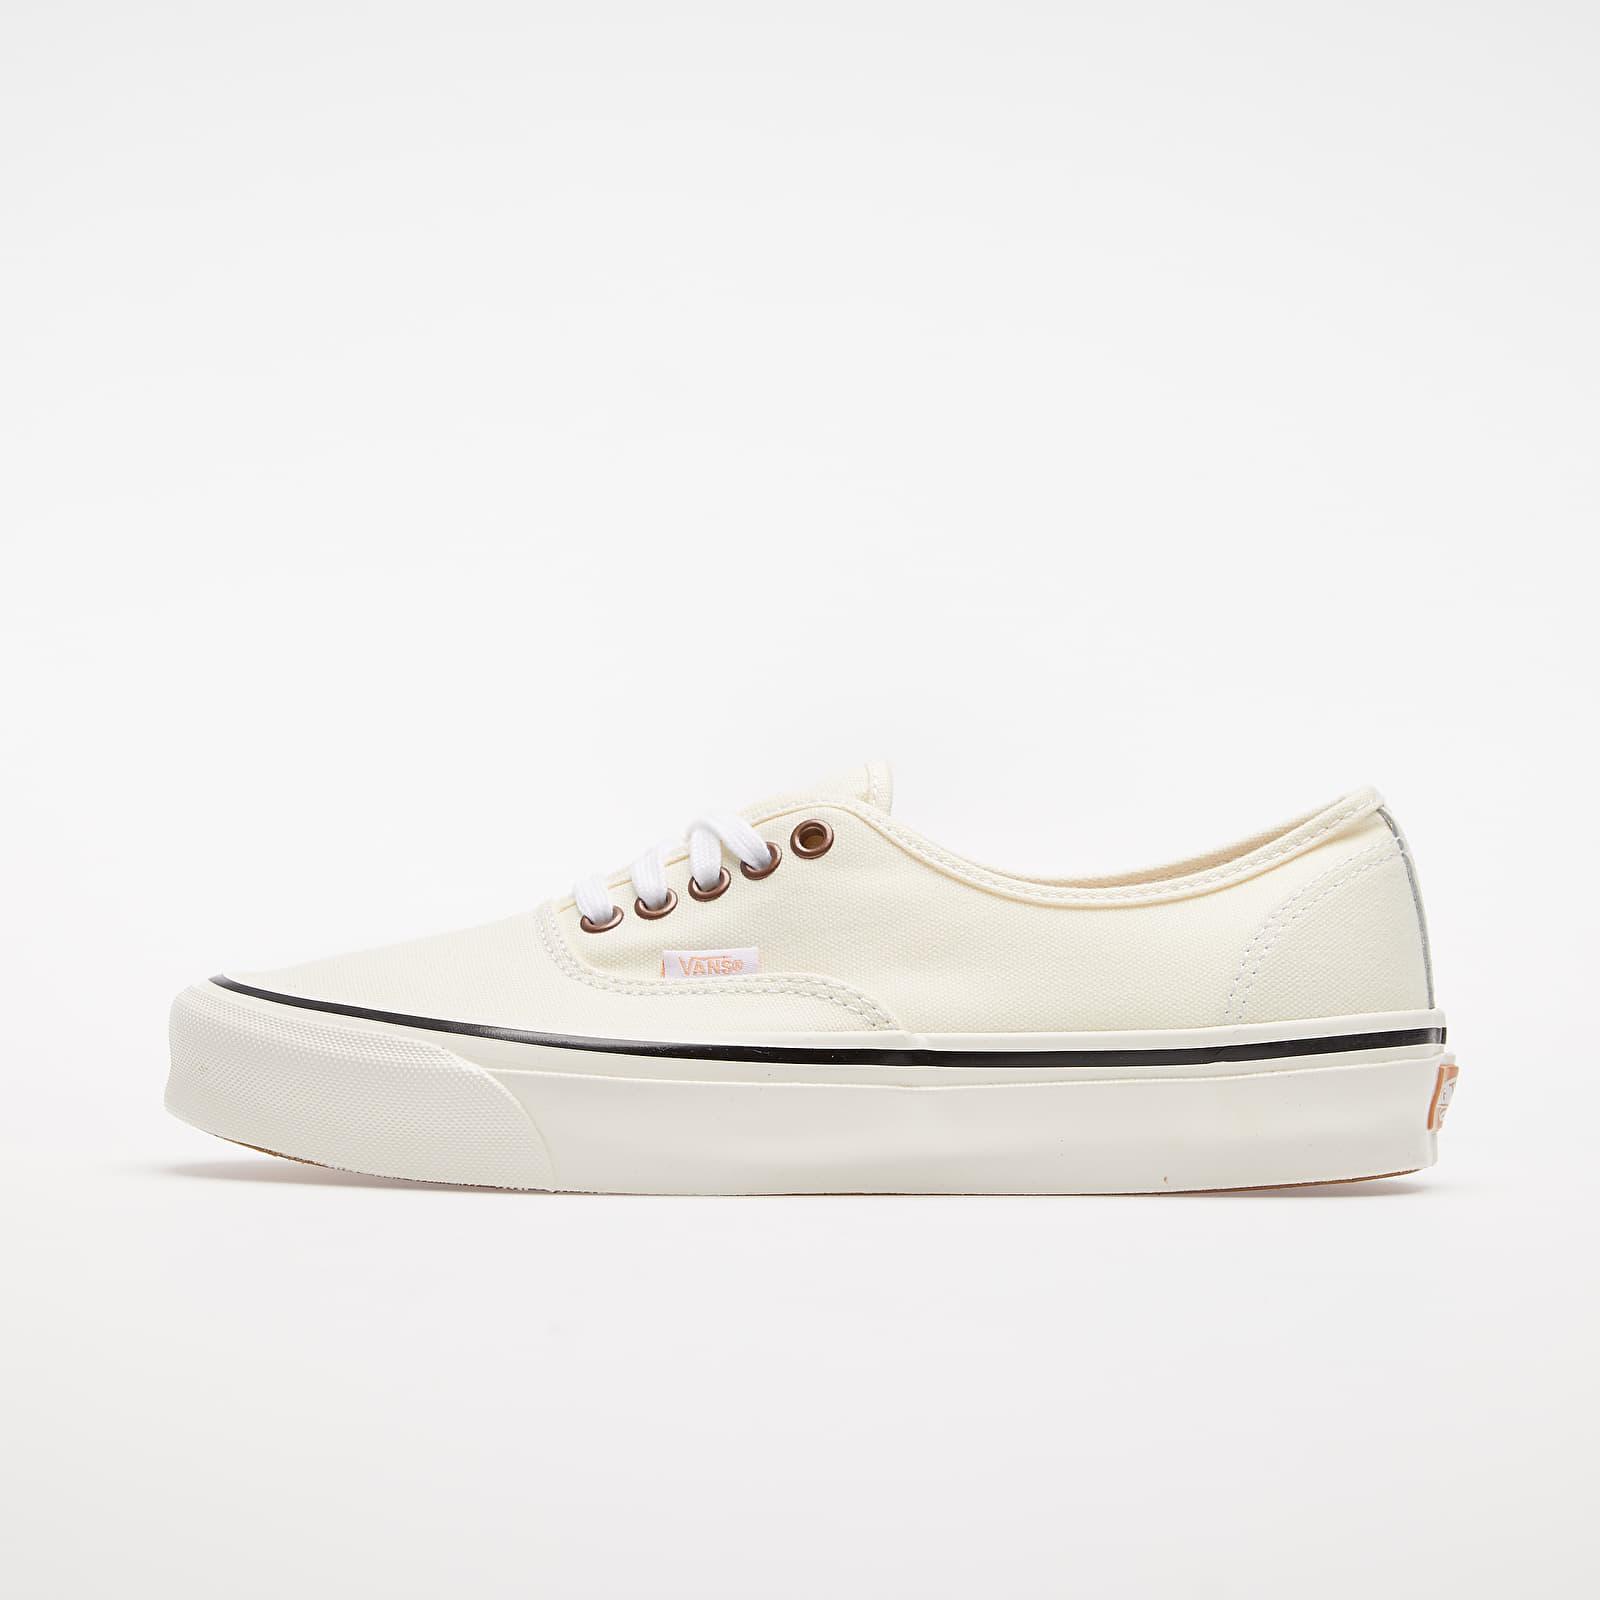 Men's shoes Vans OG Authentic LX (Copson) Classic White/ Blanc De Blanc